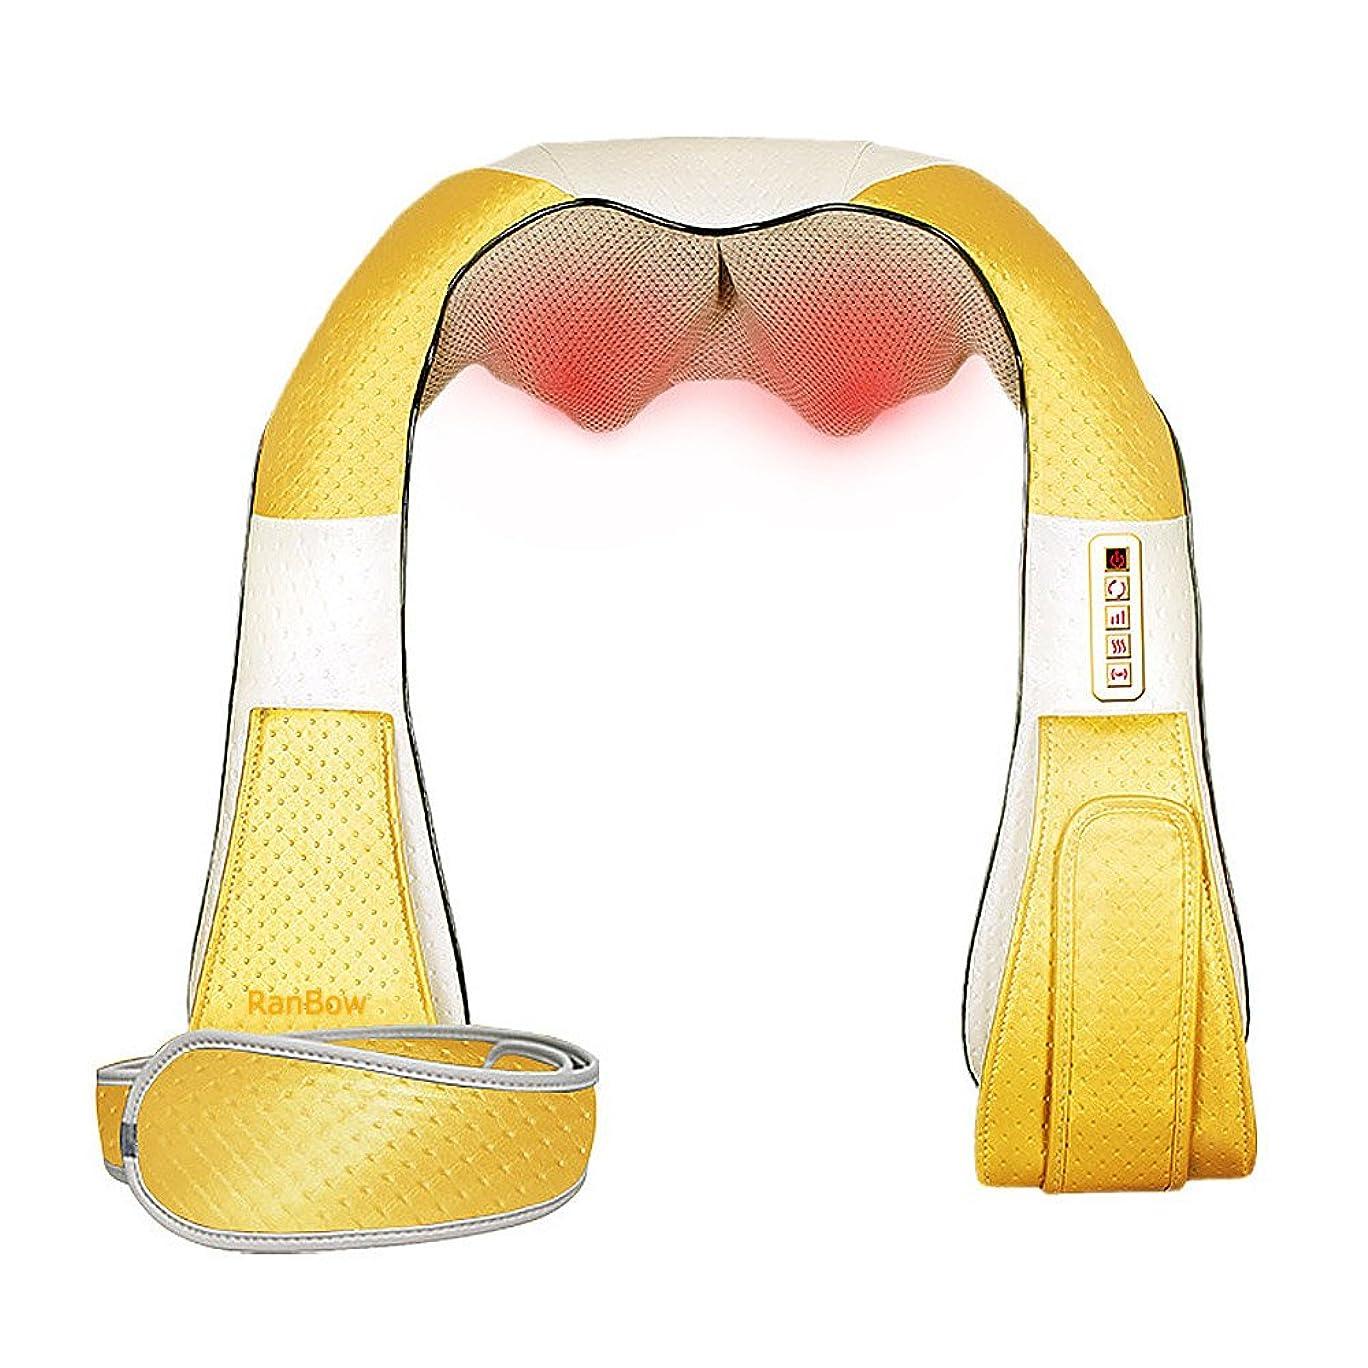 受信技術者大洪水十分に指圧で揉めるマッサージャー――足部、背中部、首部及び肩部へのマッサージにて、筋肉痛を緩和する